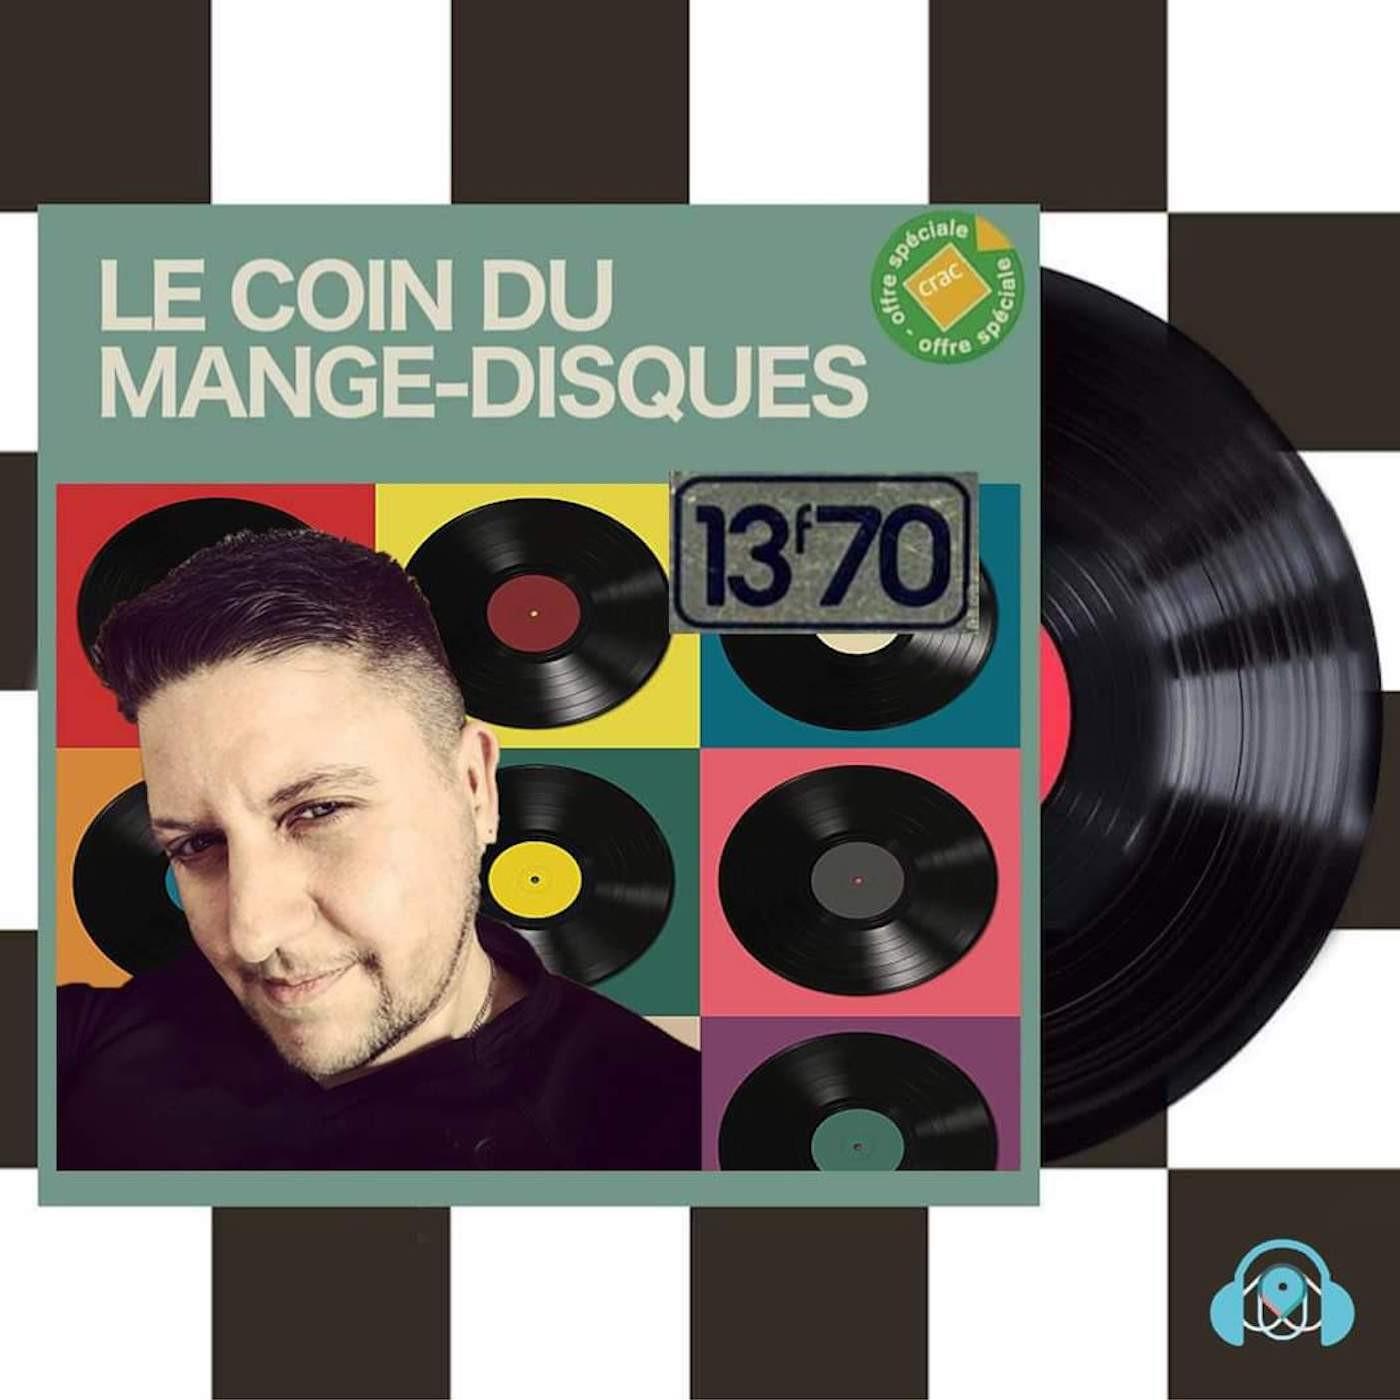 LE COIN DU MANGE-DISQUES S1E7 - Showcases